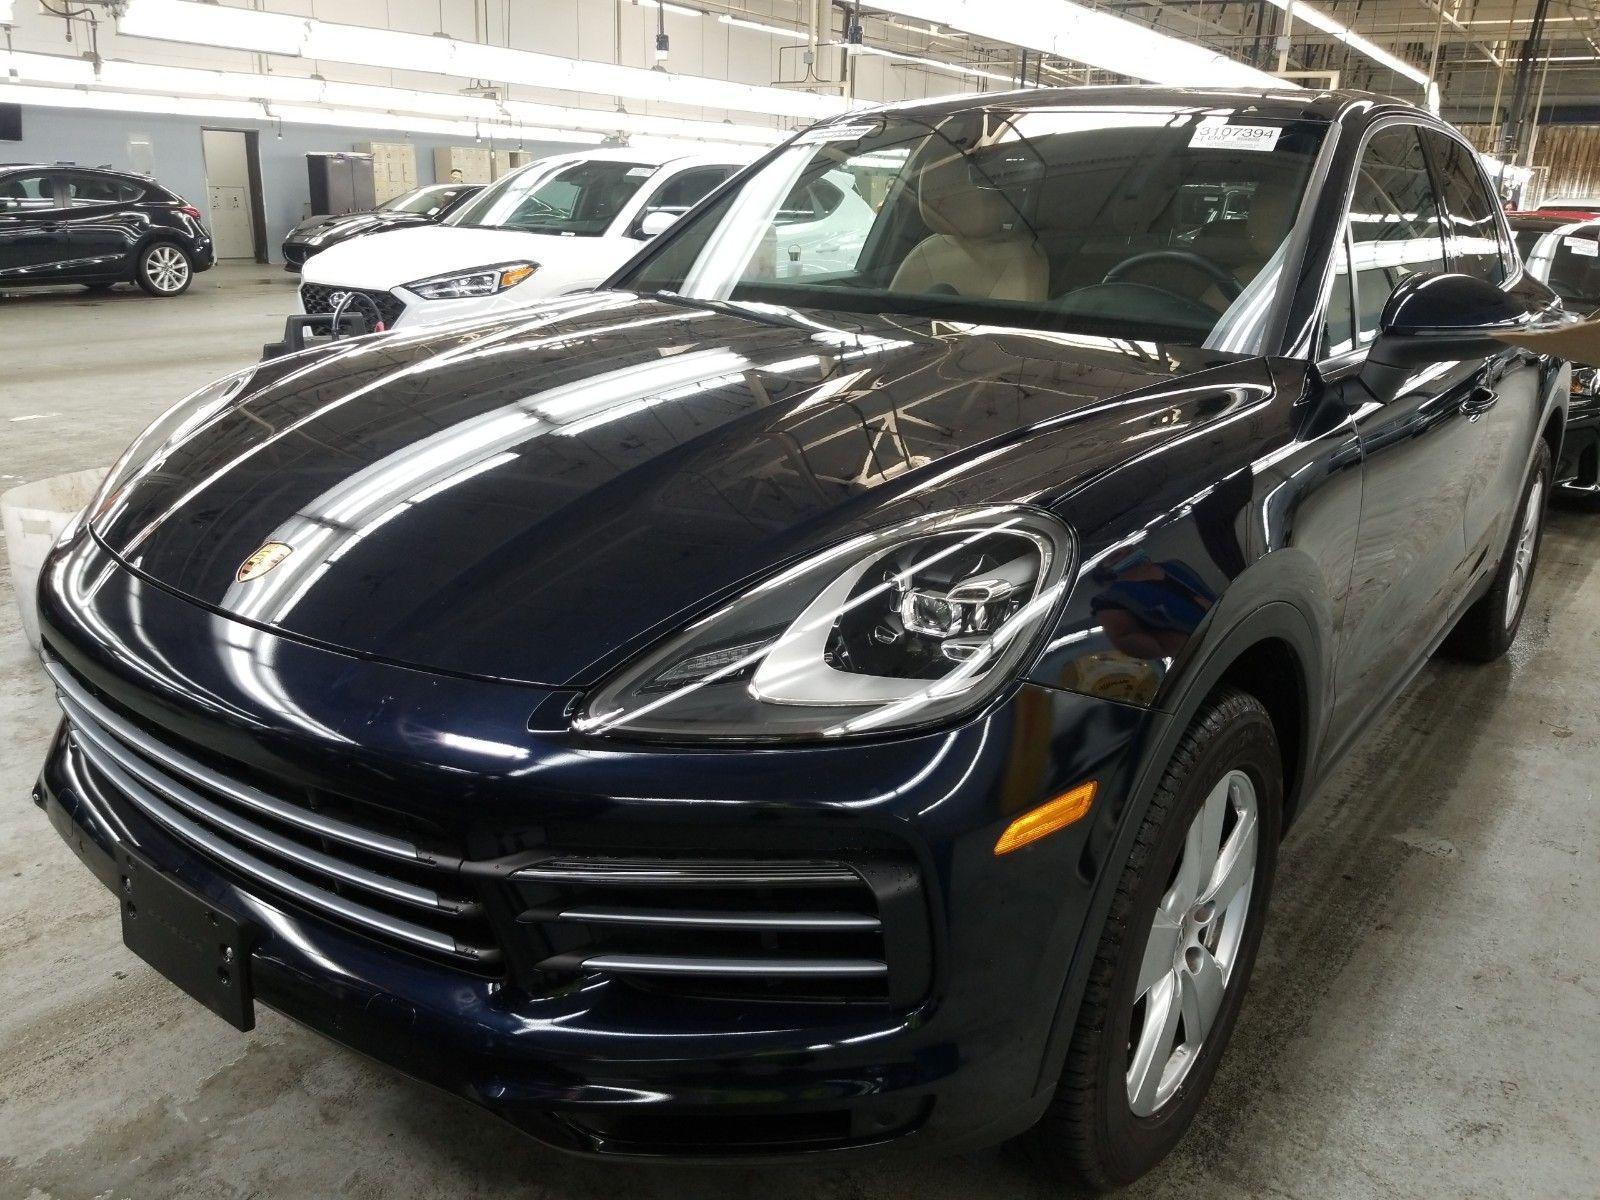 2019 Porsche Cayenne 3.0. Lot 999200740104 Vin WP1AA2AY4KDA16035